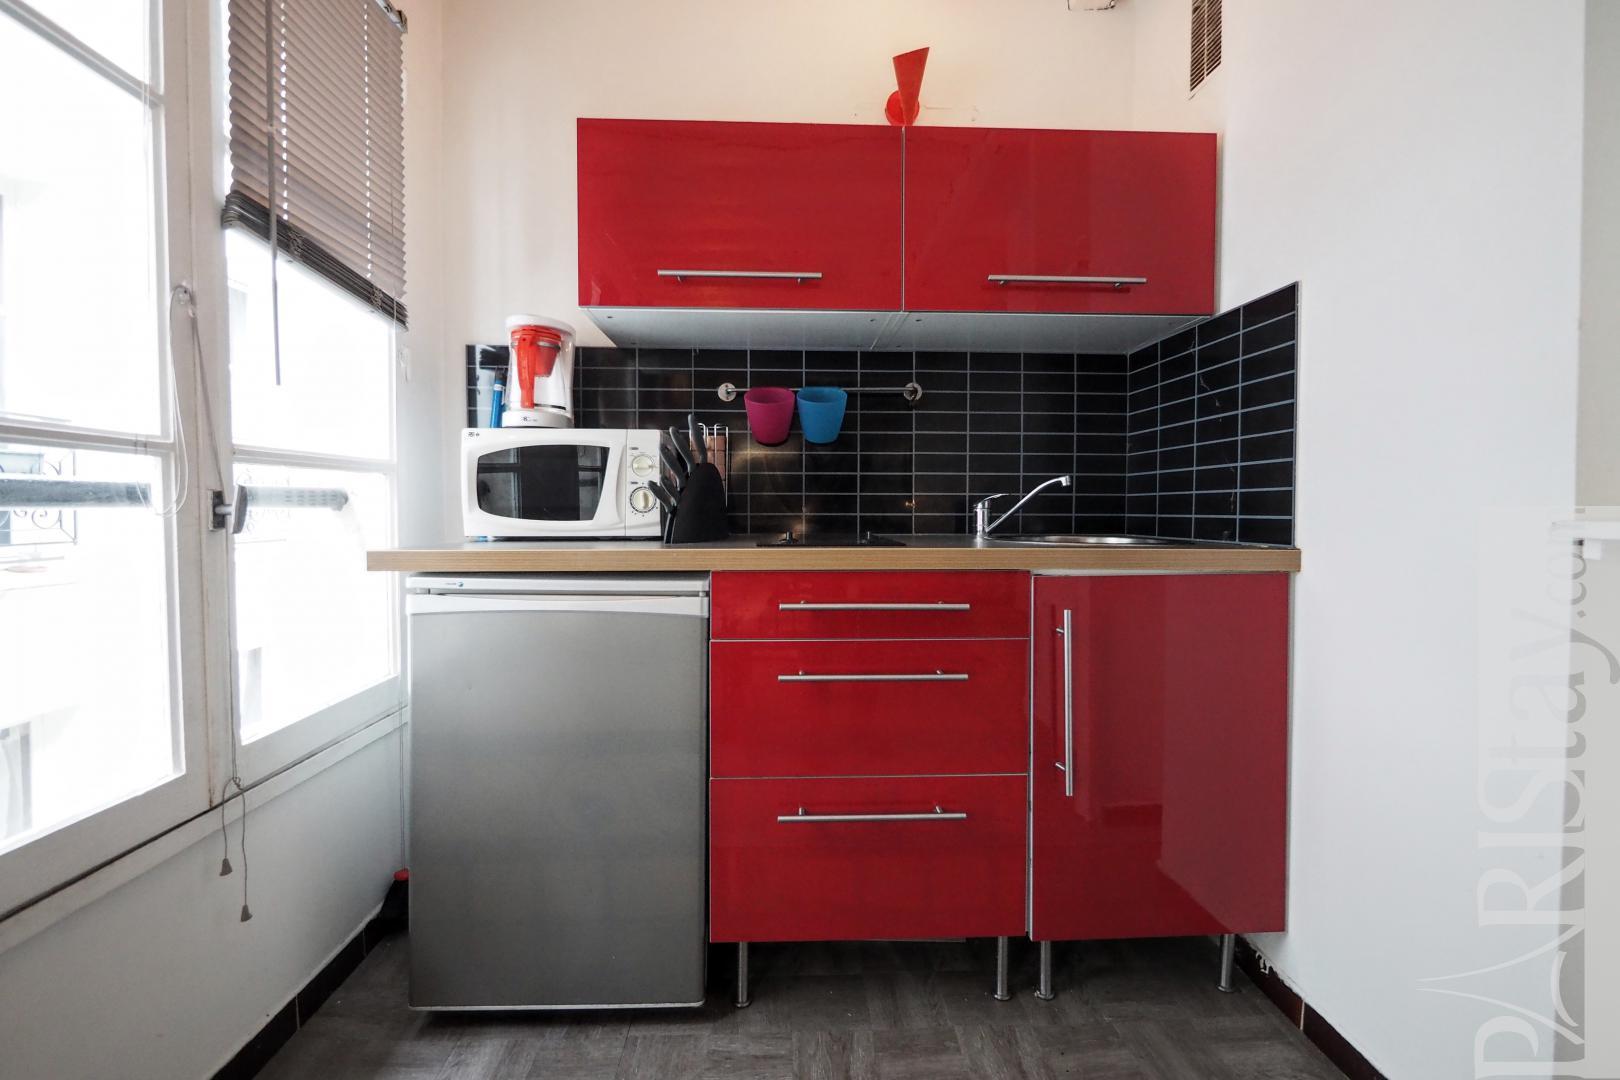 location appartement meuble paris t2 notre dame saint germain des pres. Black Bedroom Furniture Sets. Home Design Ideas